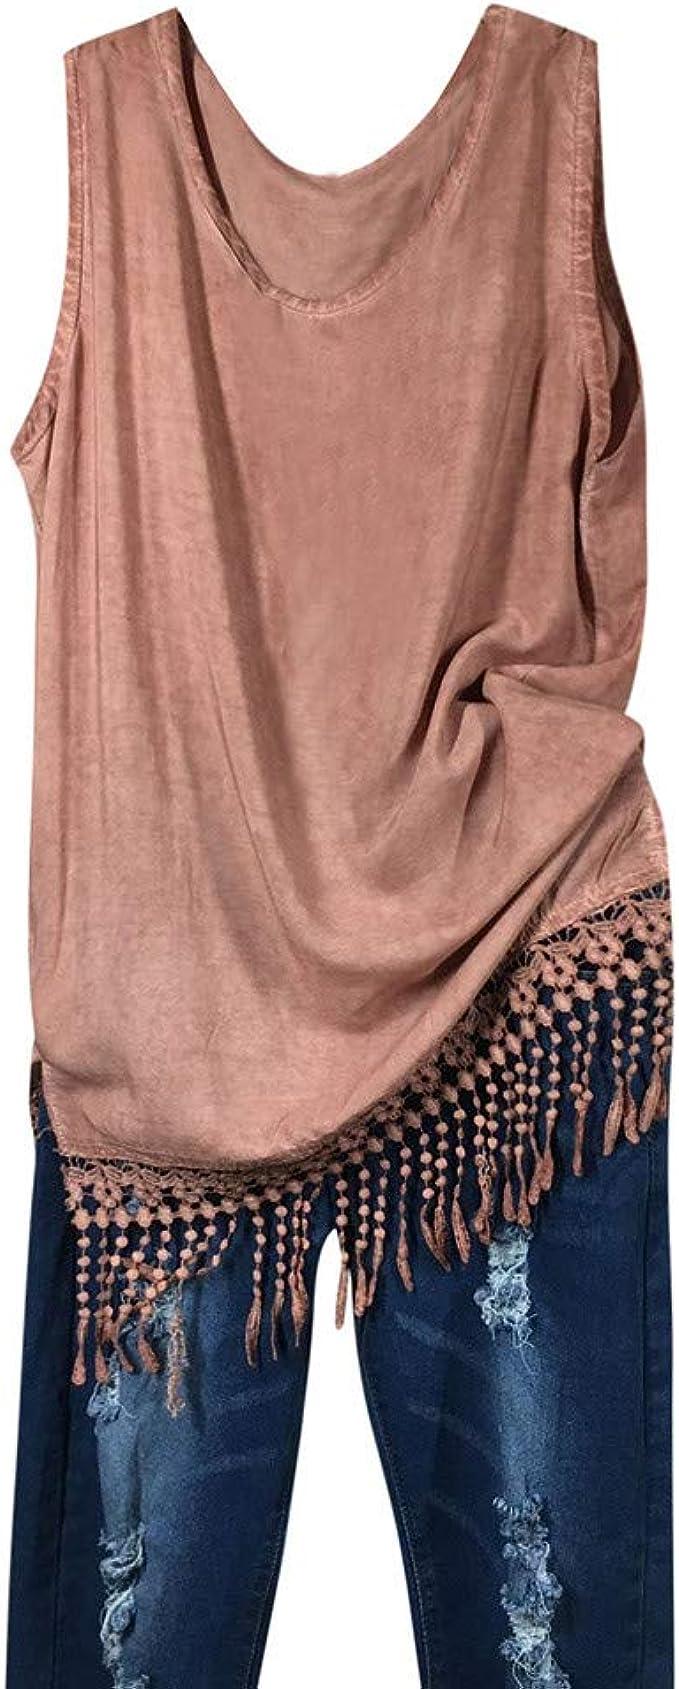 Damark(TM) Ropa Camiseta sin Mangas para Mujeres, Moda ...